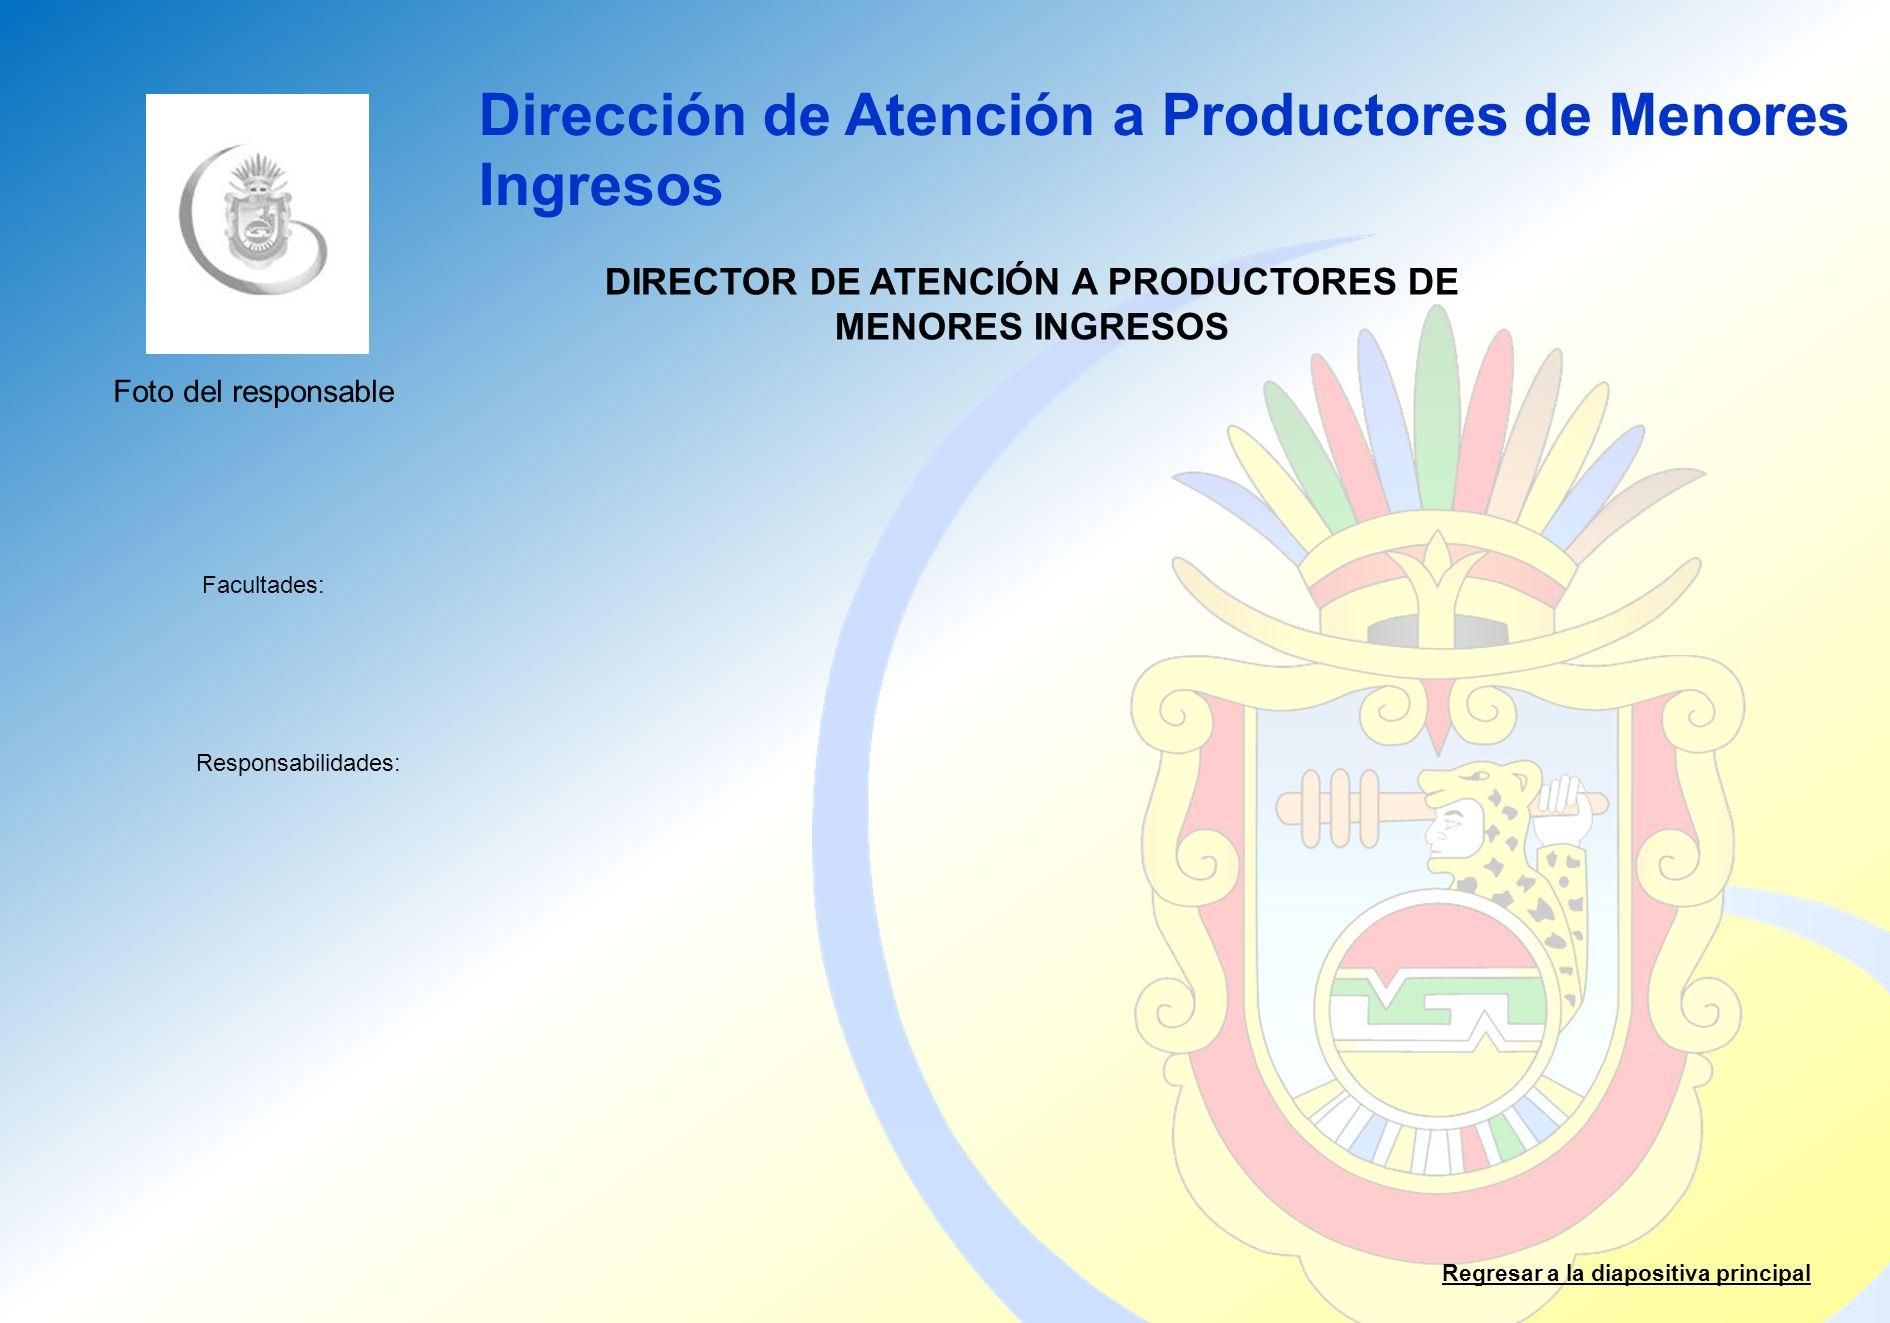 Dirección de Salud Animal y Control de Movilización Facultades: Responsabilidades: Regresar a la diapositiva principal DIRECTOR DE SALUD ANIMAL Y CONTROL DE MOVILIZACIÓN Foto del responsable